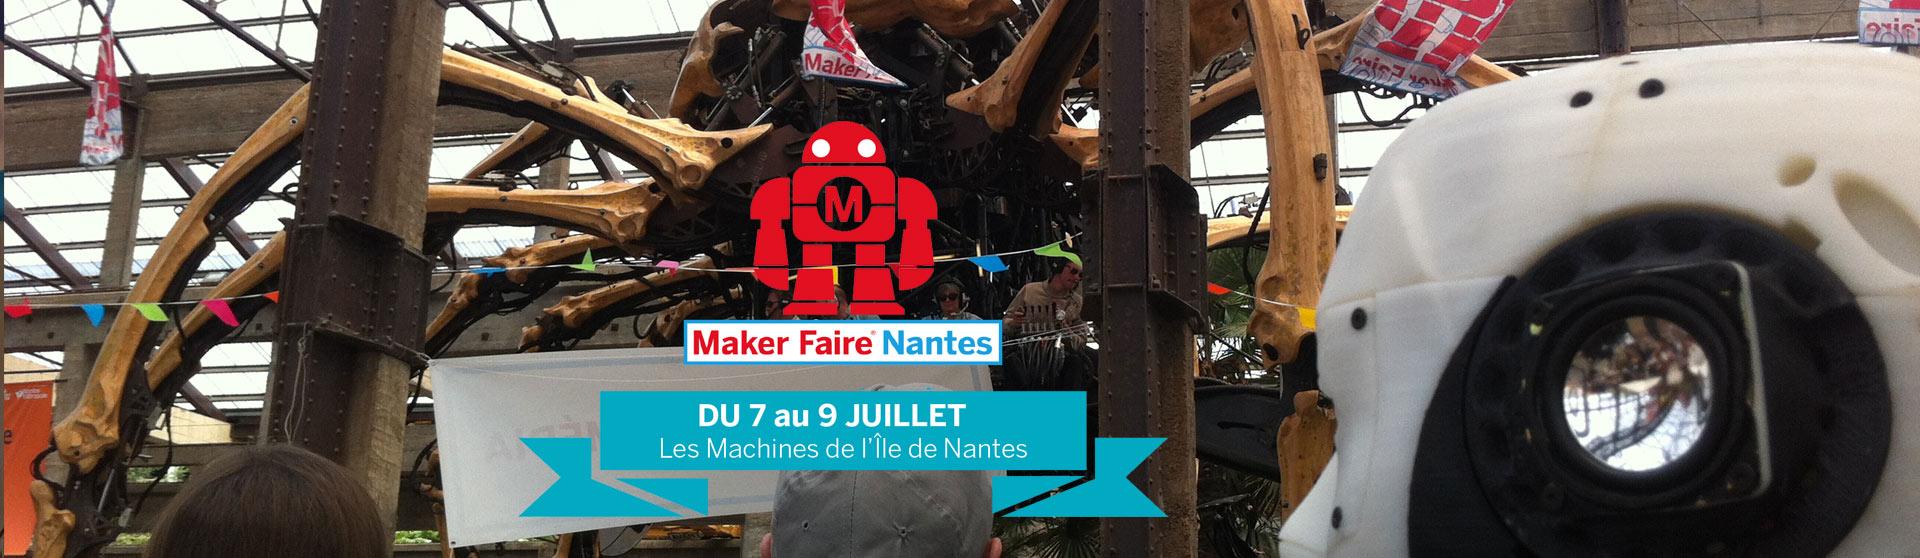 nantes-makerfaire-2017